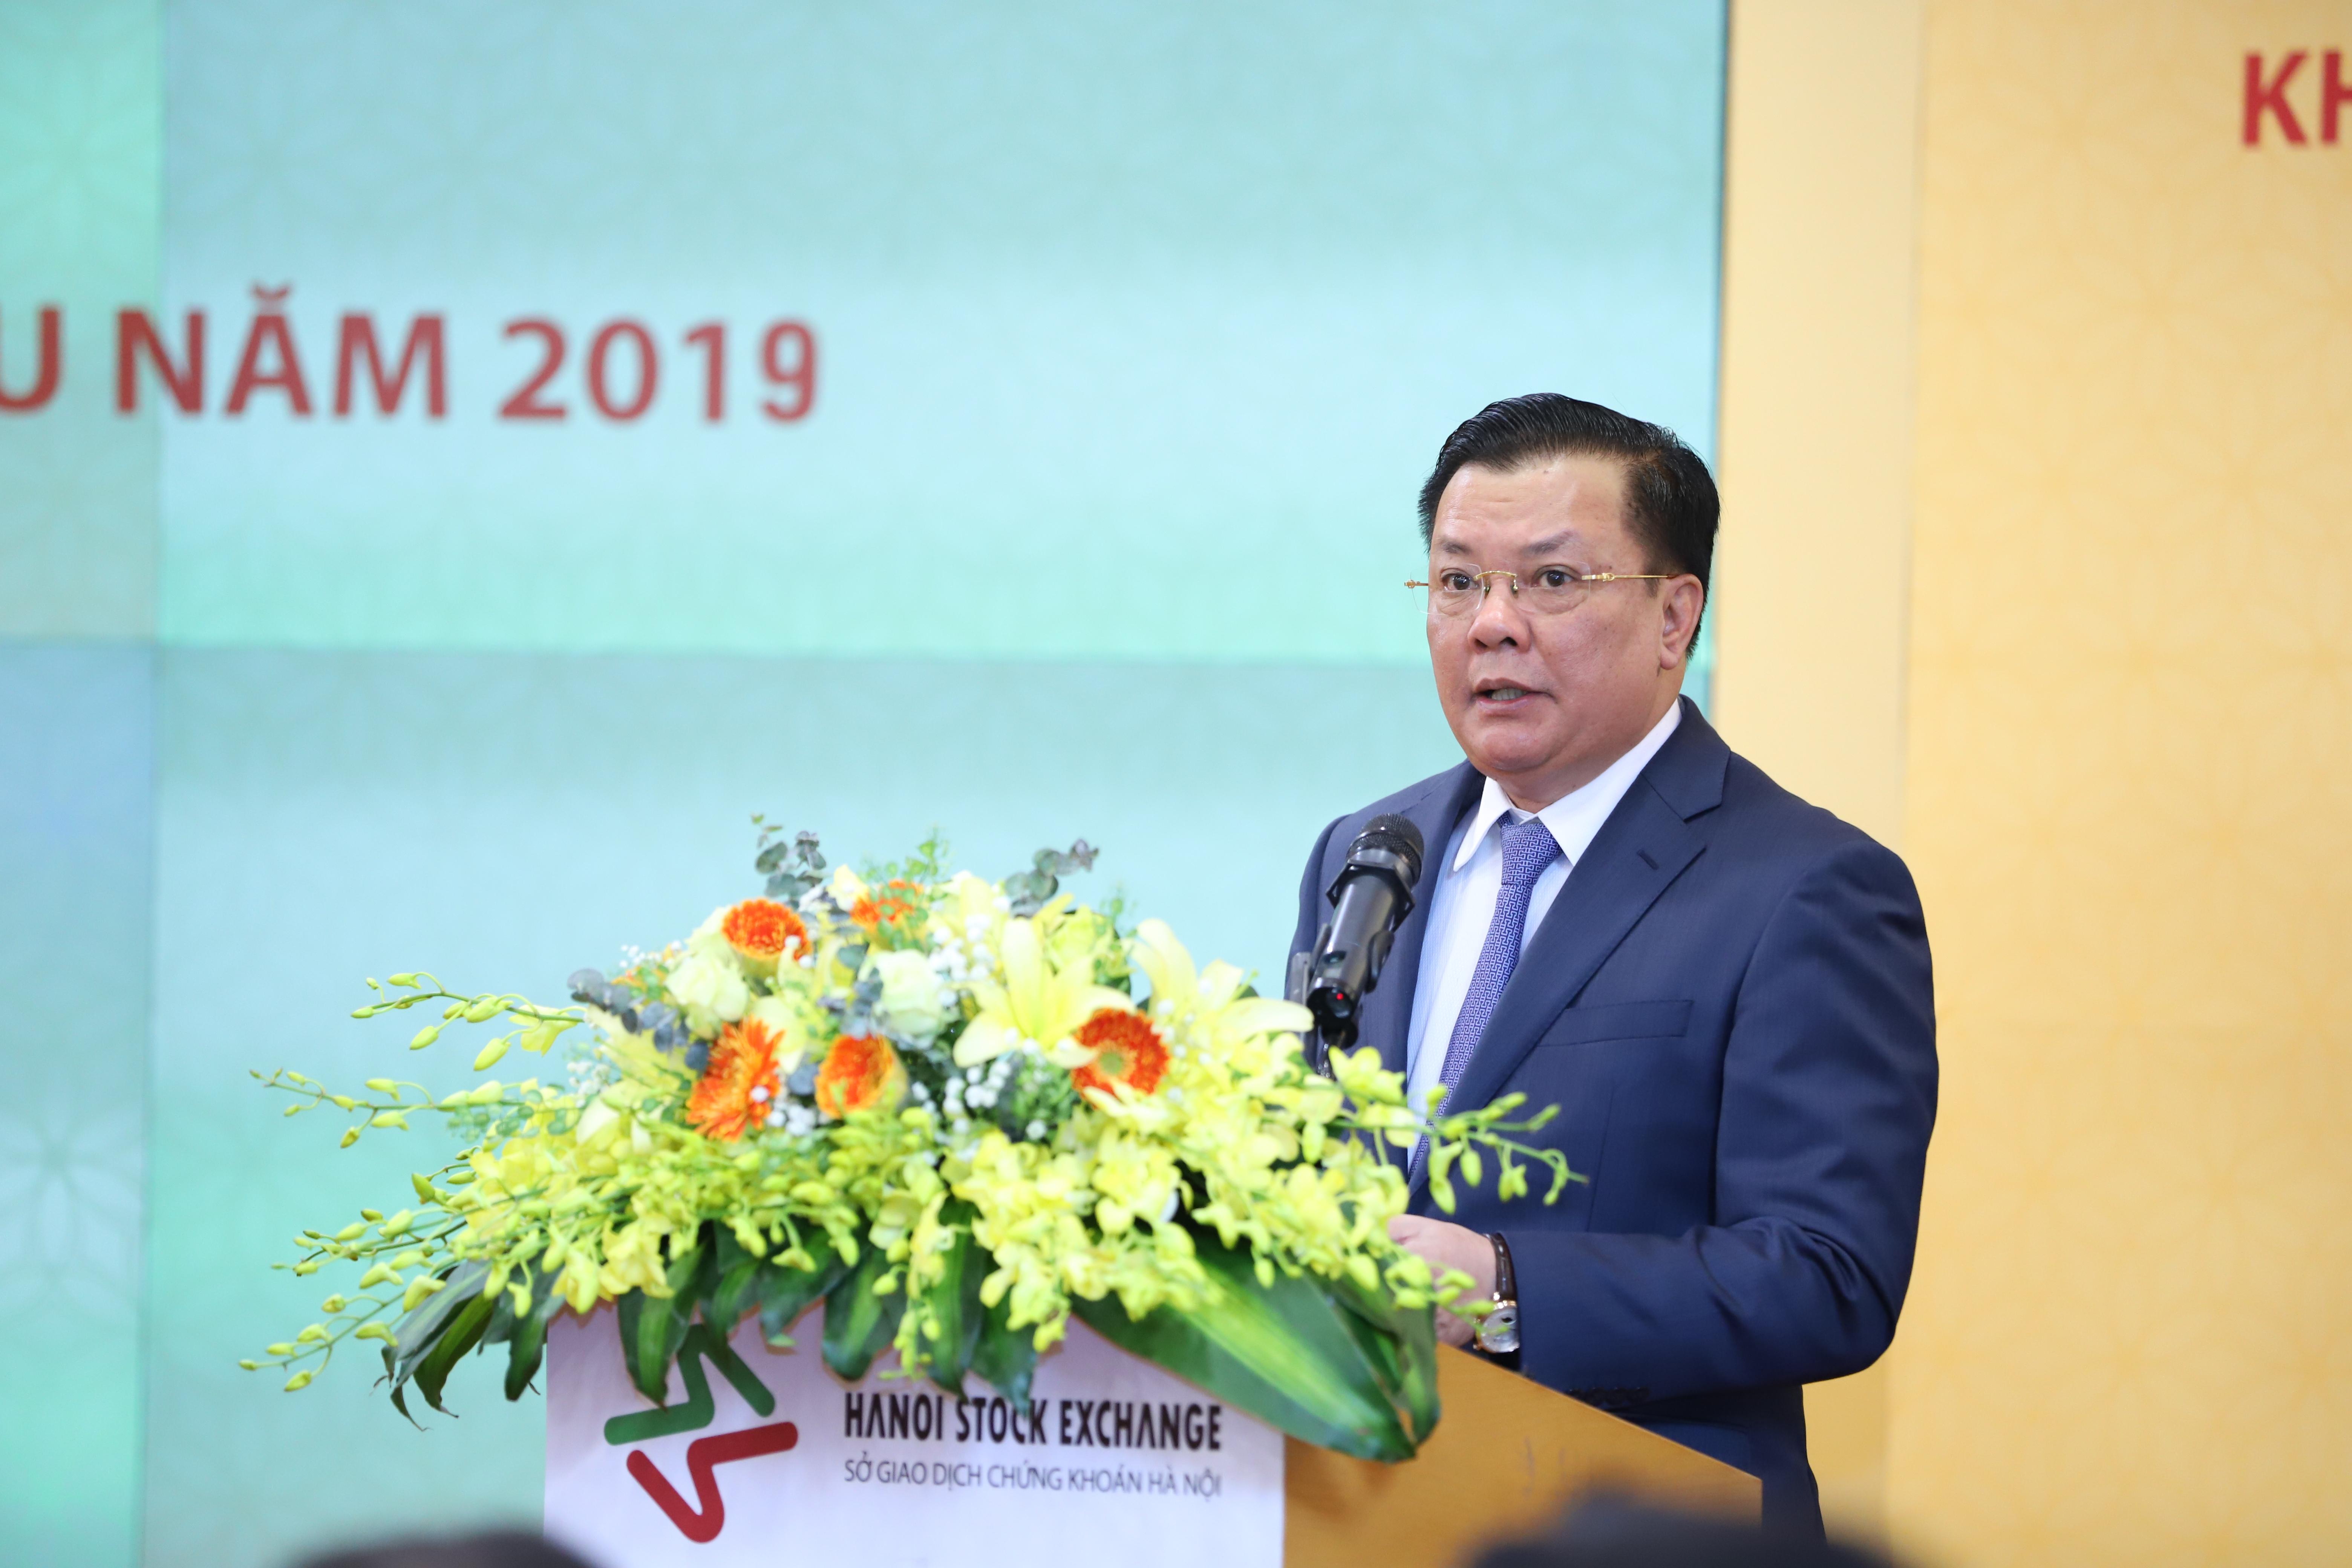 Bộ trưởng Đinh Tiến Dũng: 5 nhiệm vụ trọng tâm trong phát triển TTCK 2019